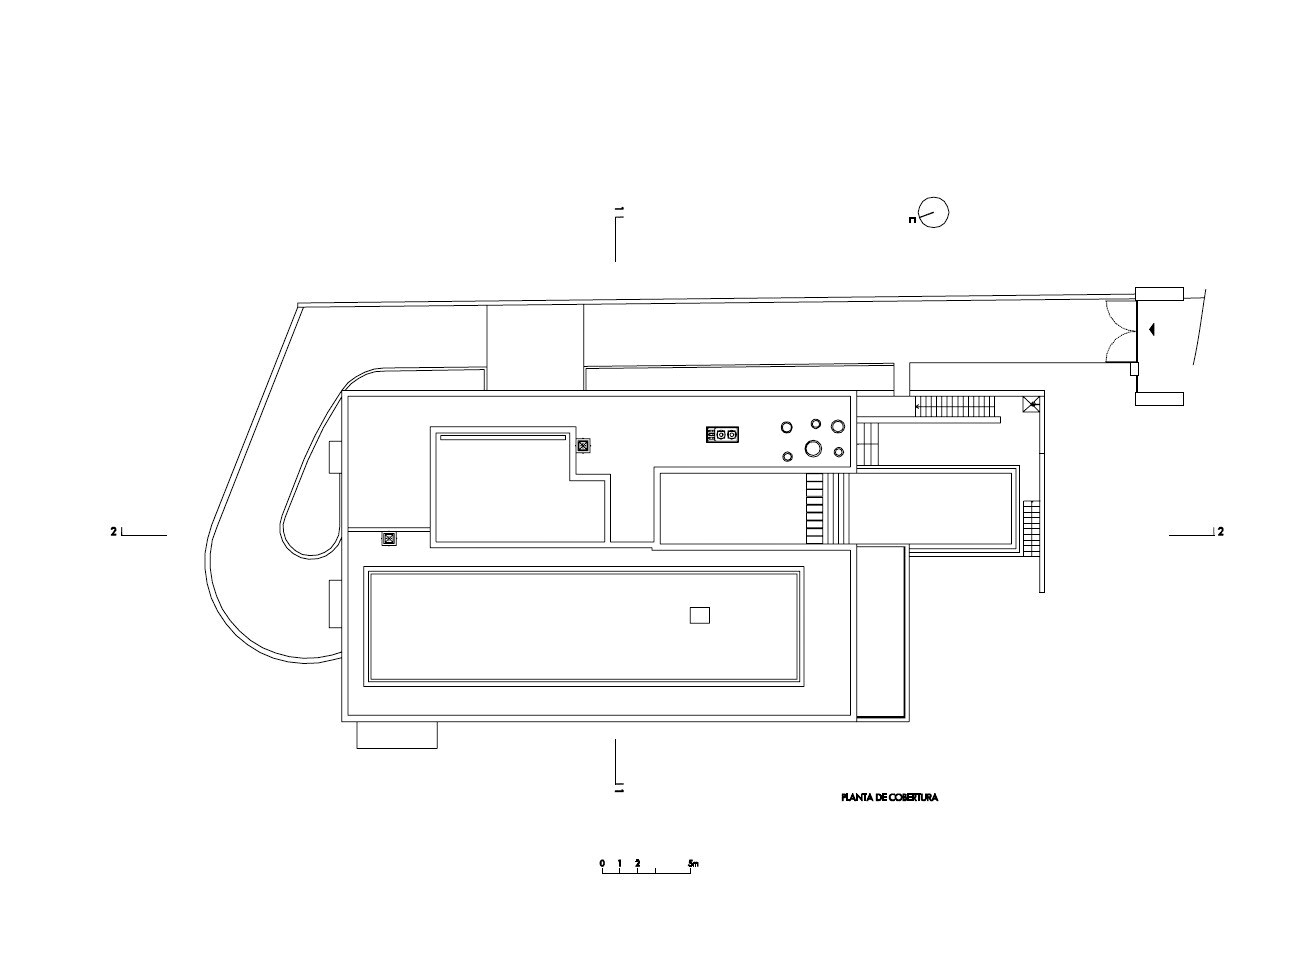 Floor Plans - Villa Escarpa Luxury Residence - Praia da Luz, Algarve, Portugal